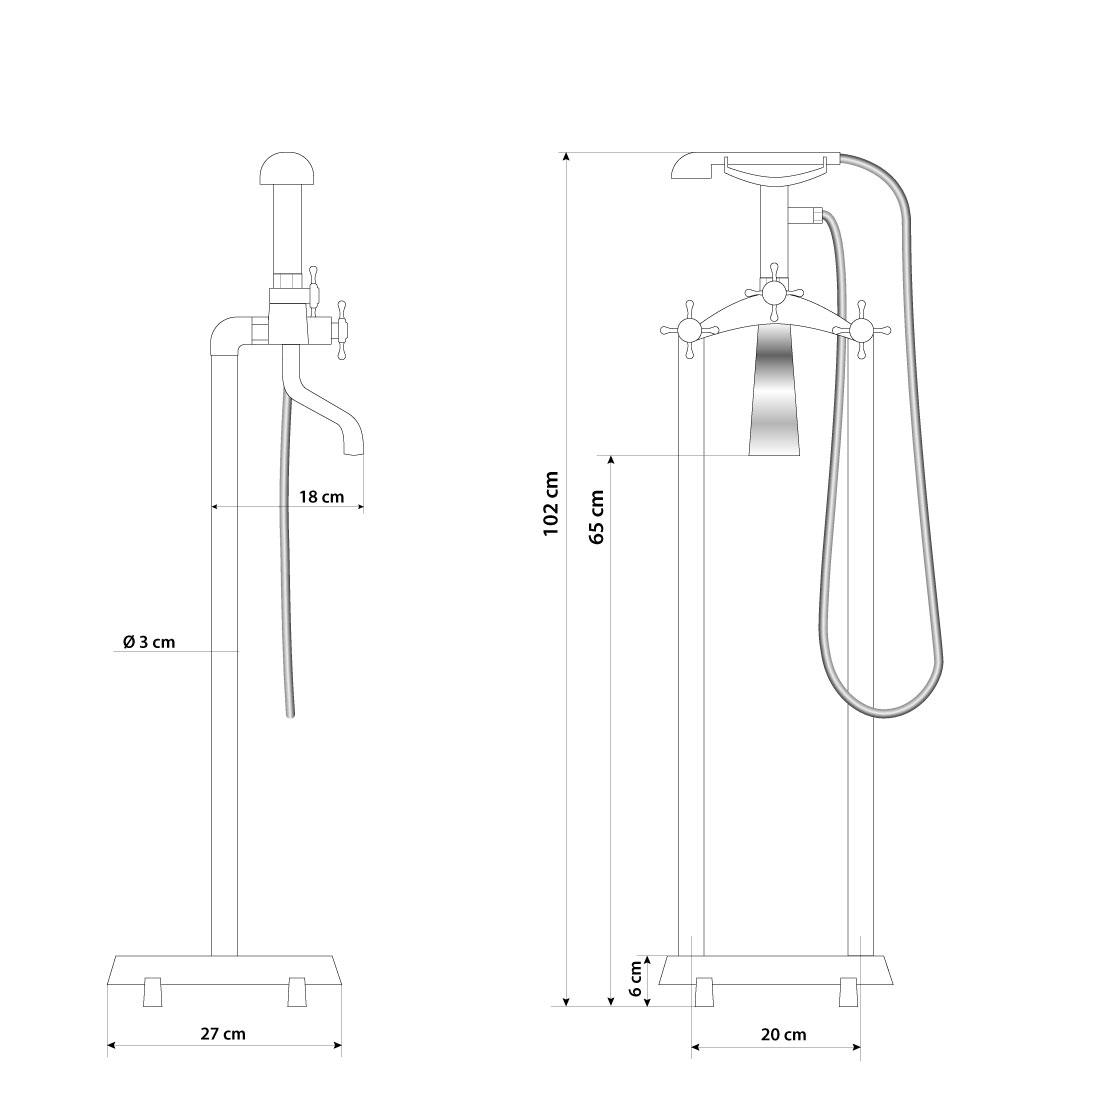 Armatur freistehende wanne badewanne wannenmischbatterie standarmatur afsw01 - Standarmatur badewanne ...